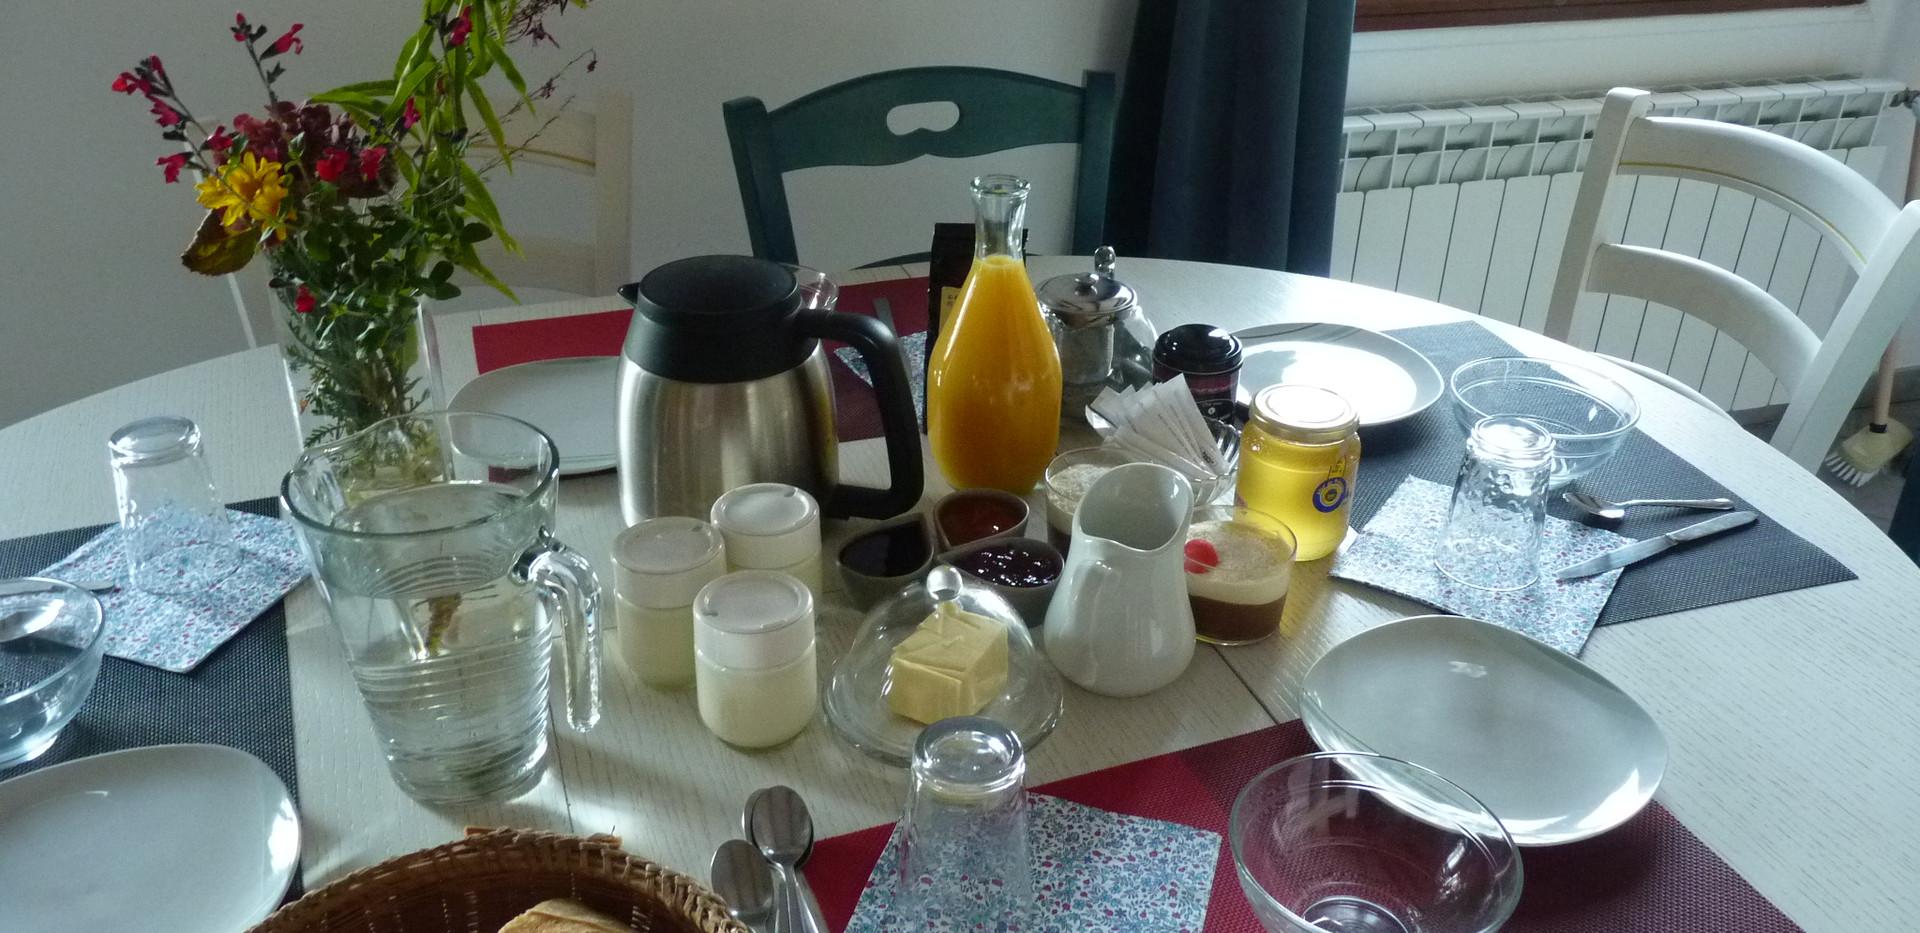 petit déjeuner en intérieur